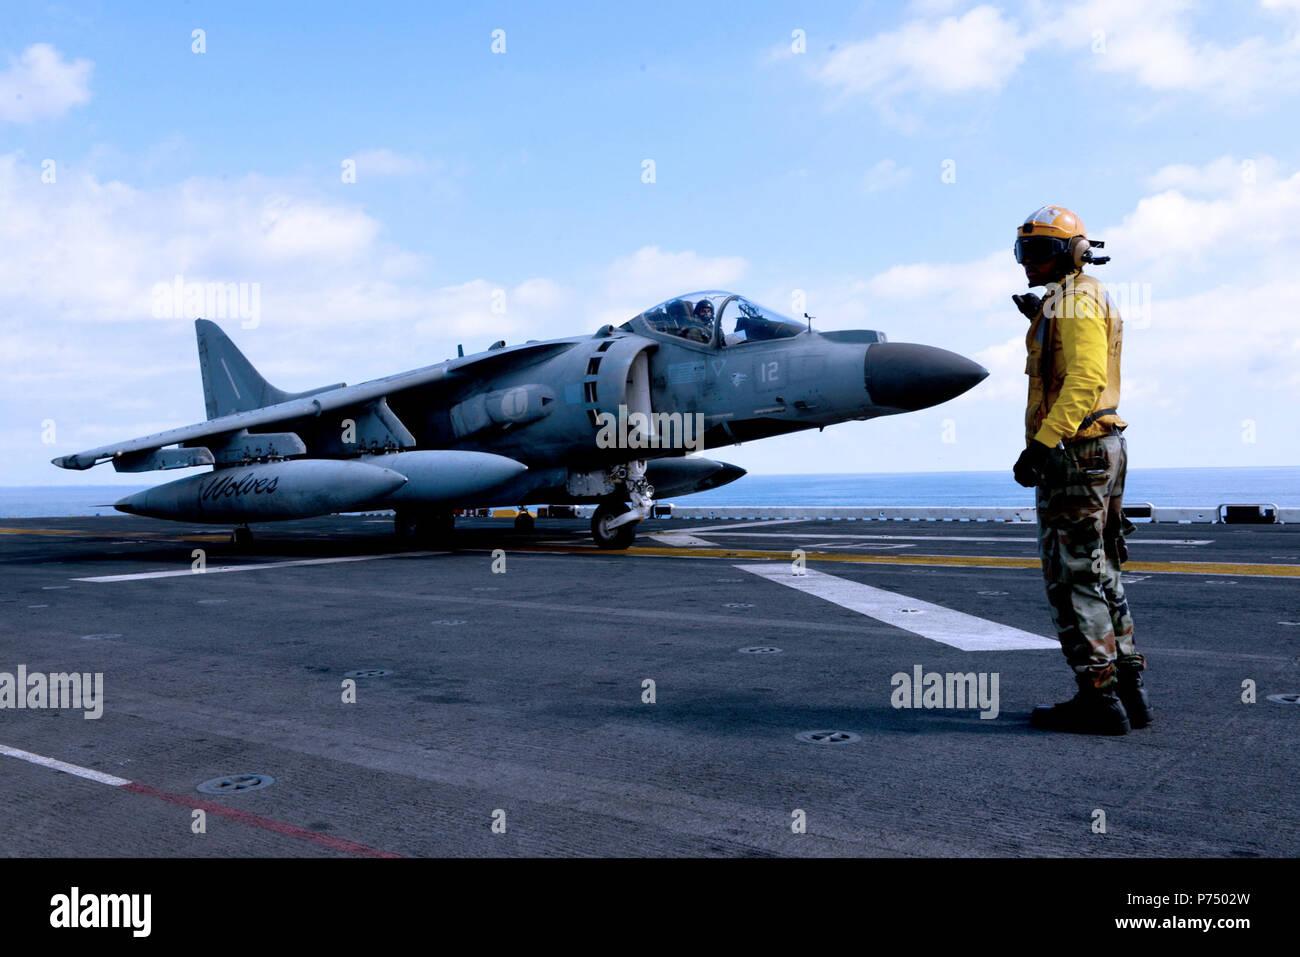 Mer (oct. 9, 2014) - Aviation maître de Manœuvre (manutention) 3e classe Andrew Sterling, de Chicago, dirige un AV-8B Harrier italien à bord du navire d'assaut amphibie USS Bataan (DG 5). Le groupe amphibie Bataan est sur un déploiement prévu des opérations de sécurité maritime, offrant une capacité d'intervention de crise et les efforts de coopération en matière de sécurité dans le théâtre de la sixième flotte américaine zone d'opérations. Banque D'Images